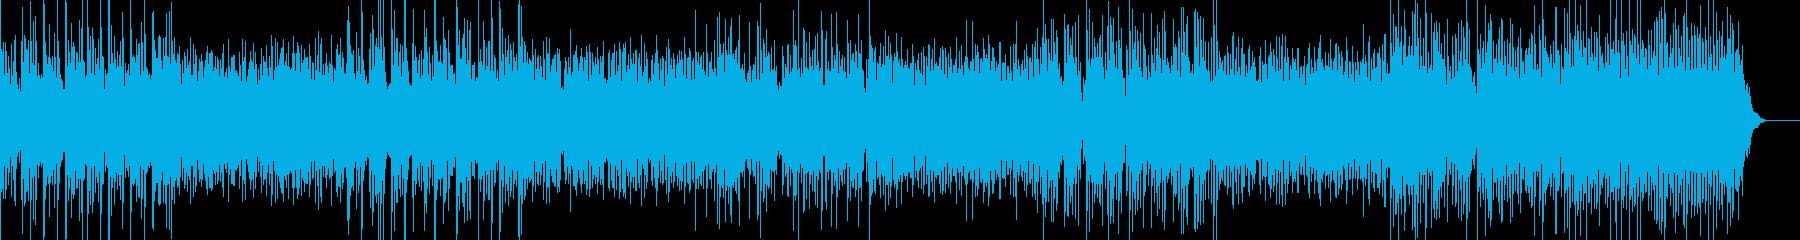 流れるような溝は、機械のような感触...の再生済みの波形